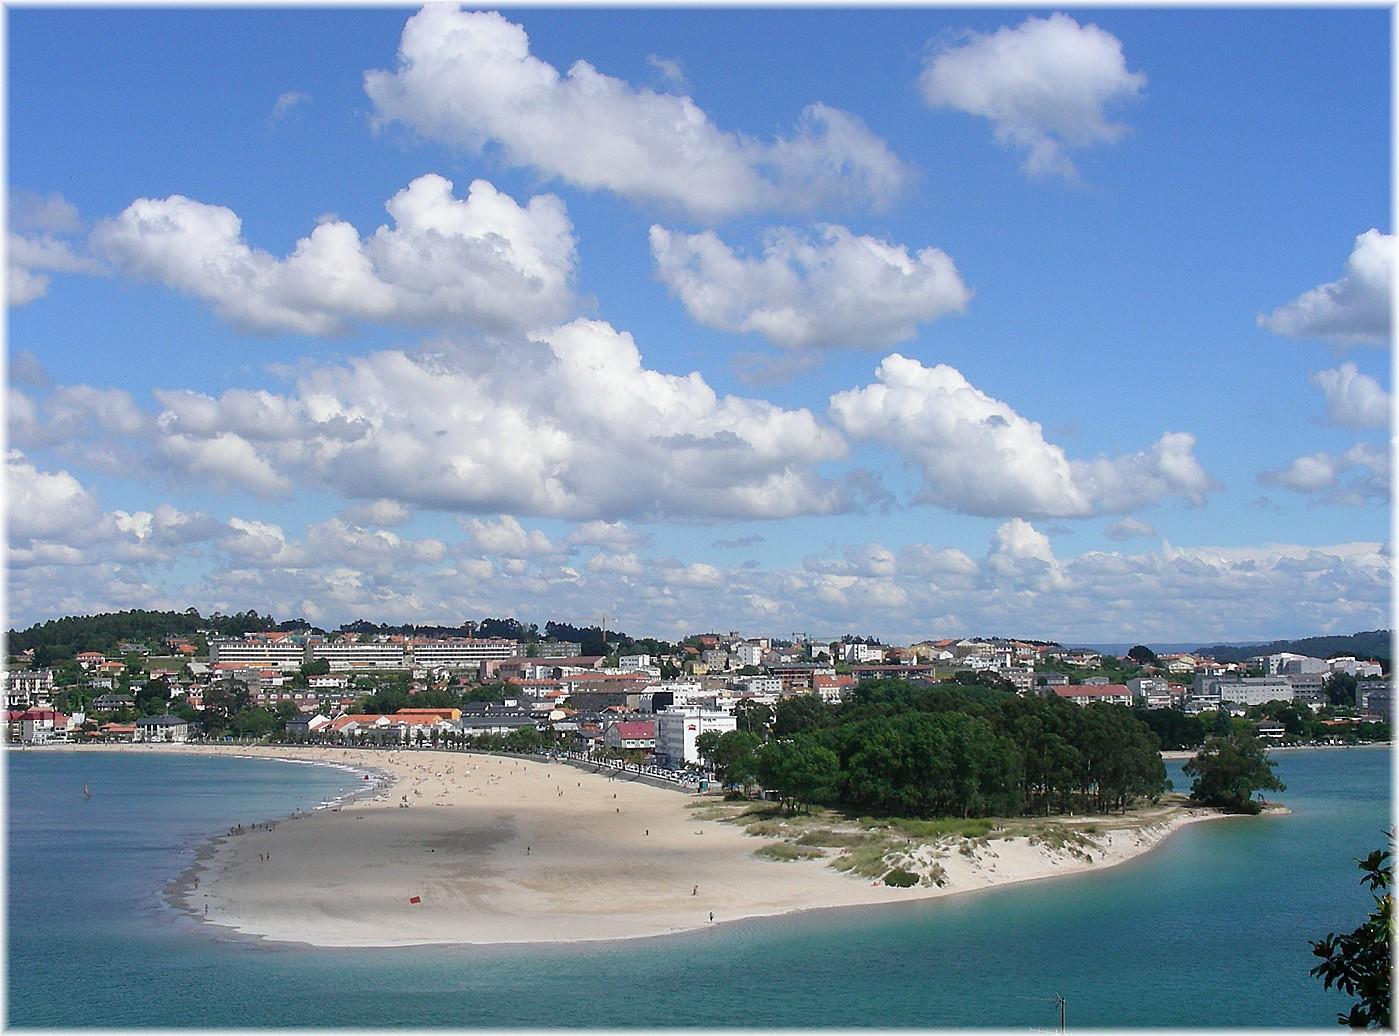 Playa de Santa Cristina Oleiros